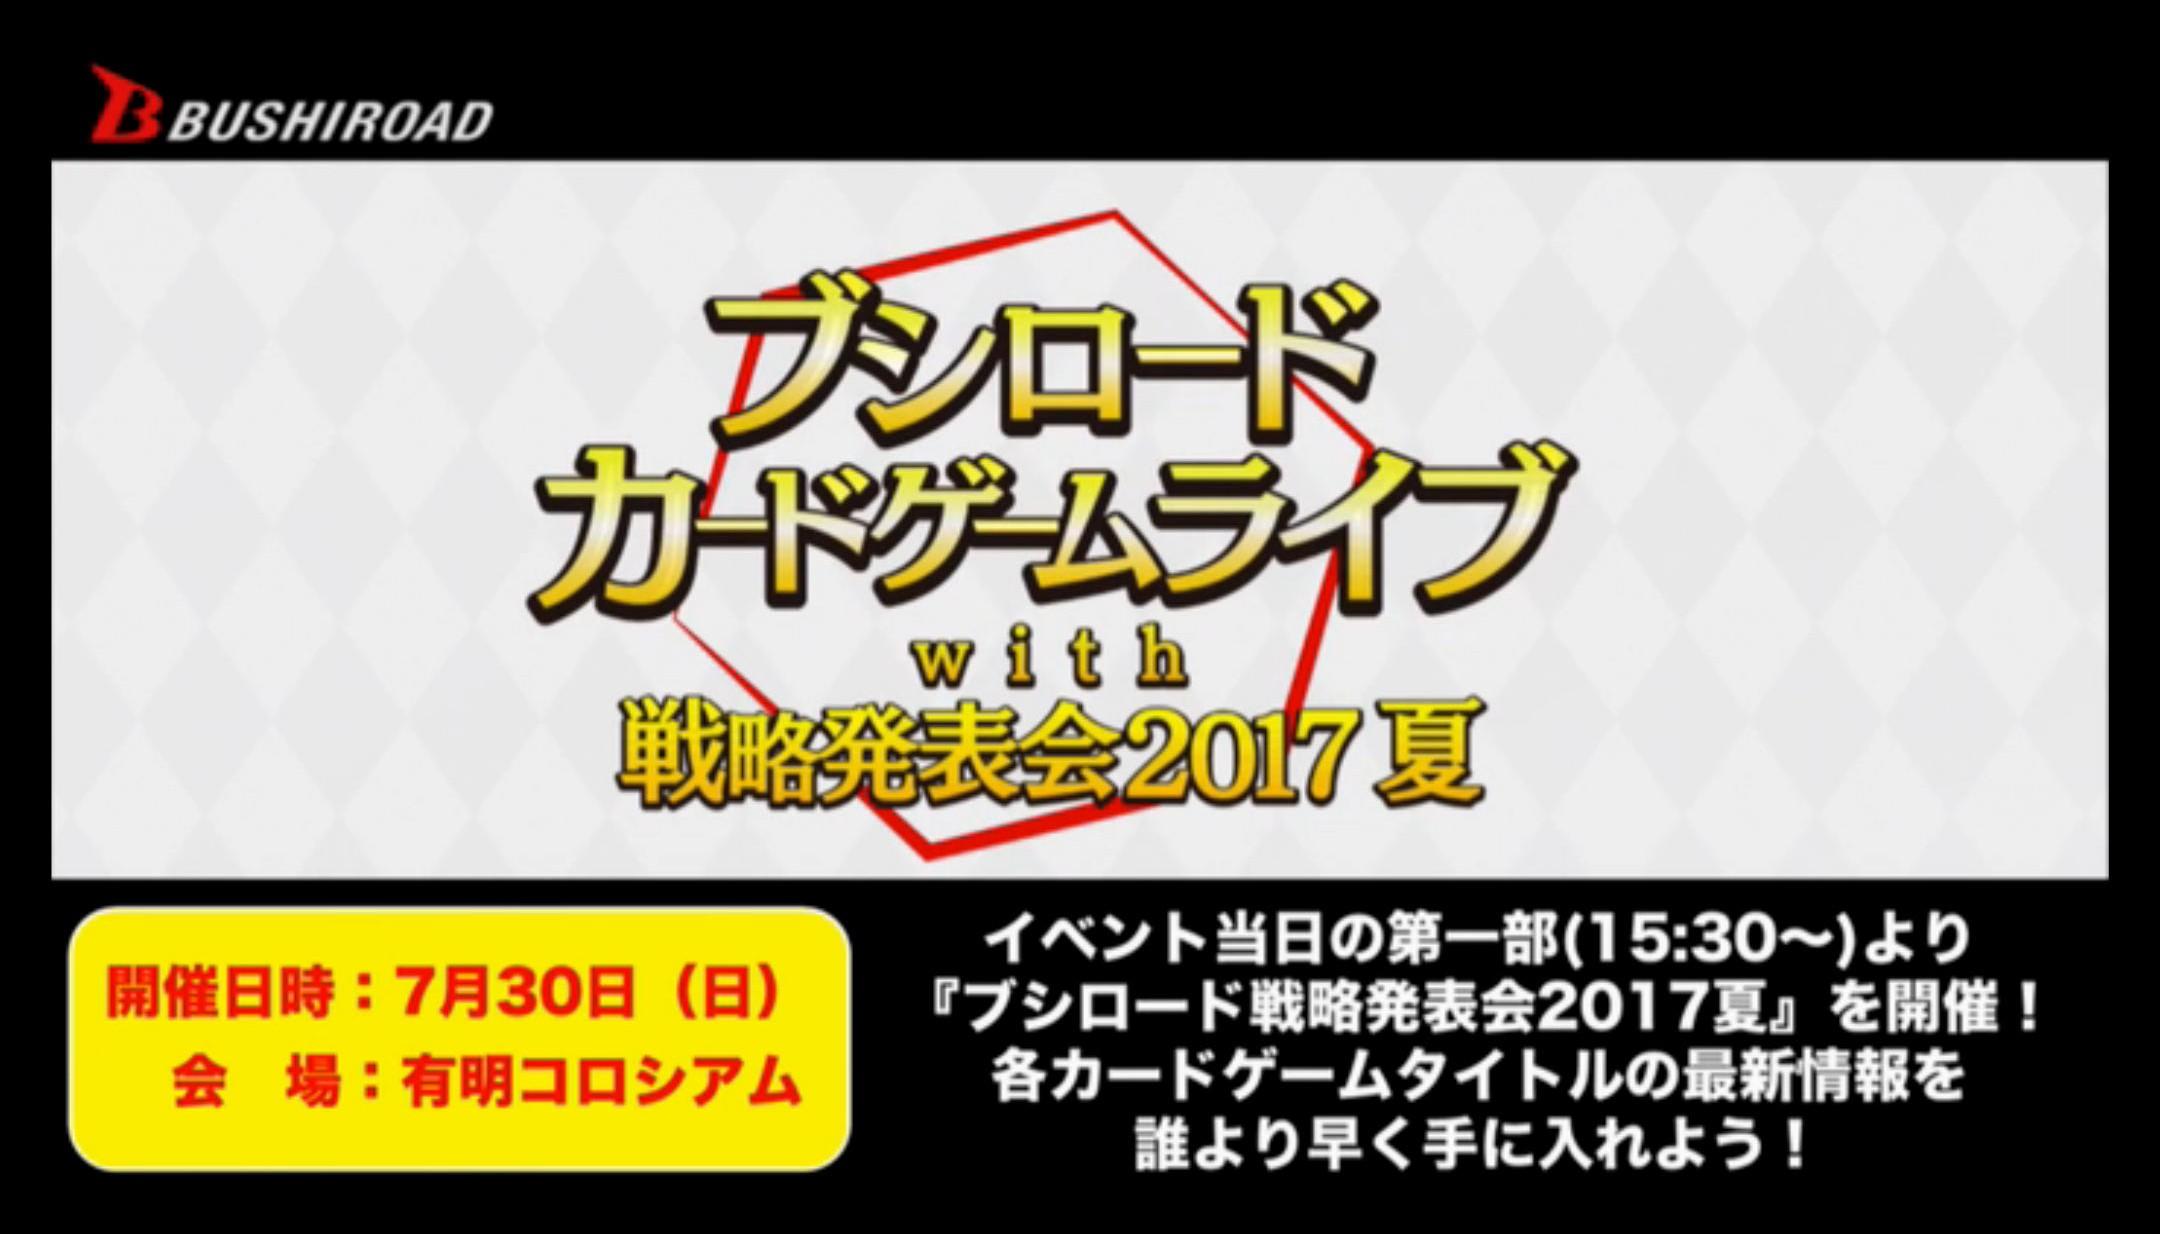 bshi-live-170707-022.jpg